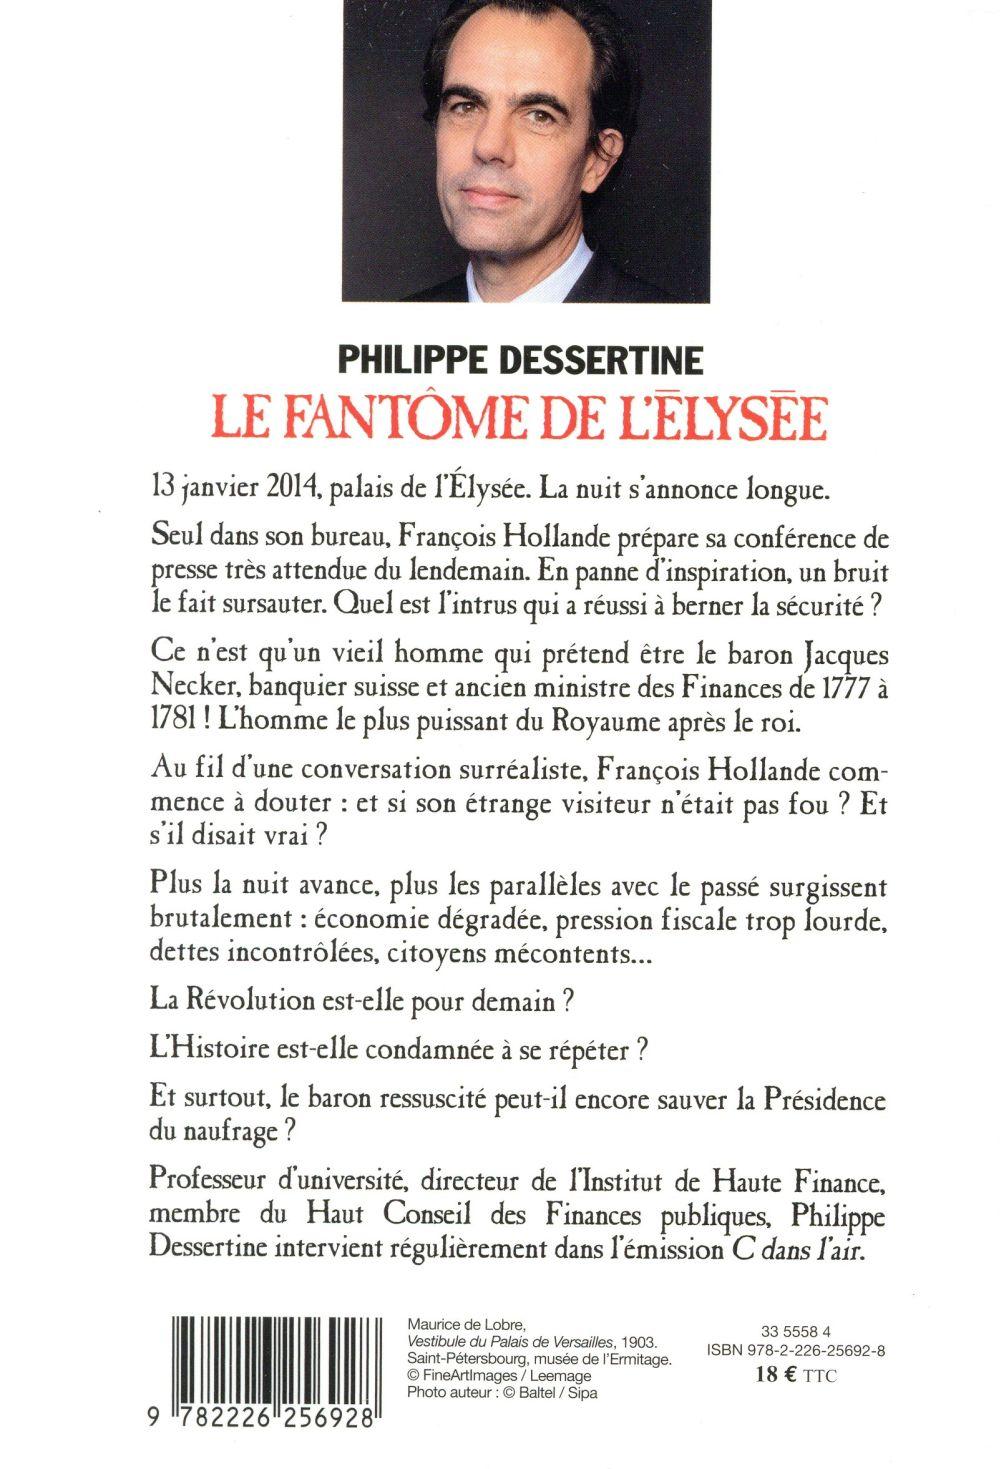 Le fantôme de l'Elysée ; visite impromptue du Baron Necker à François Hollande